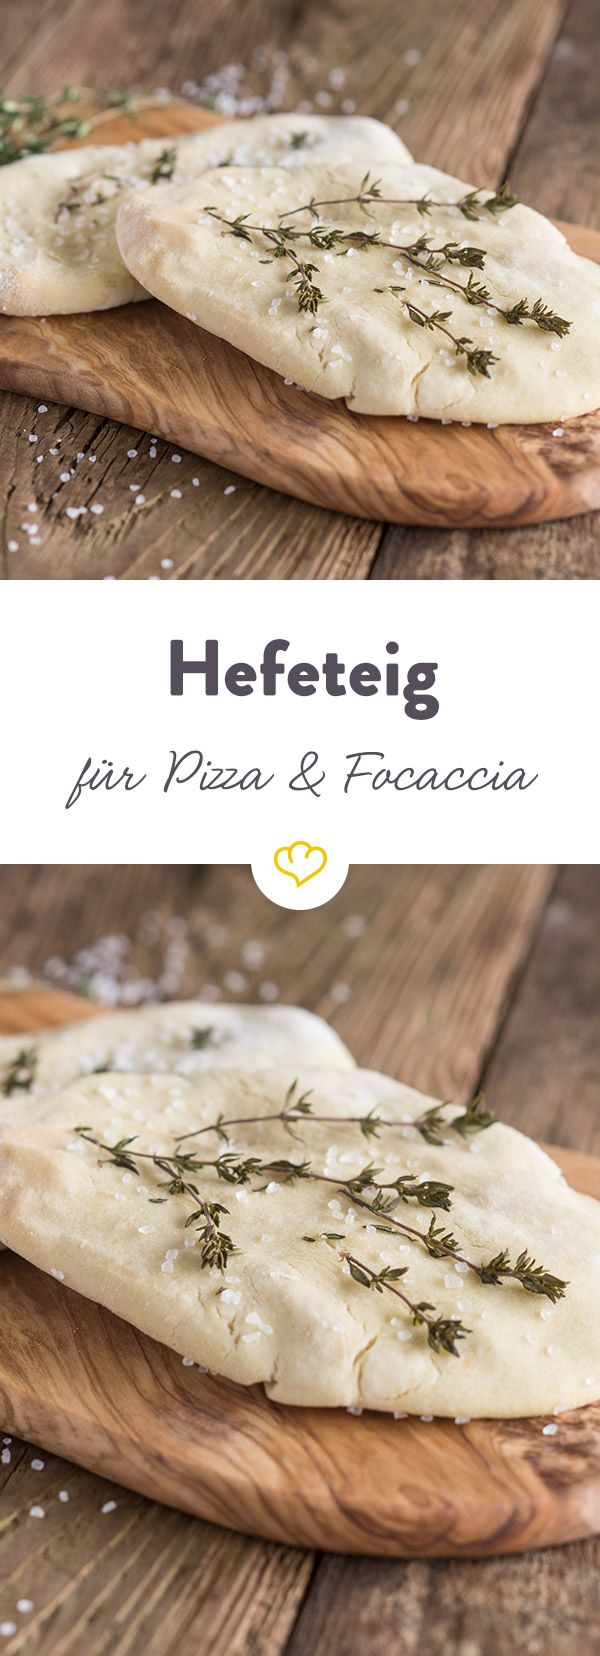 Manche mögen's kalt - herzhafter Hefeteig zum Beispiel. Dieser kommt zum Gehen in den Kühlschrank. Der ideale Grundteig für Pizza, Focaccia und Co.